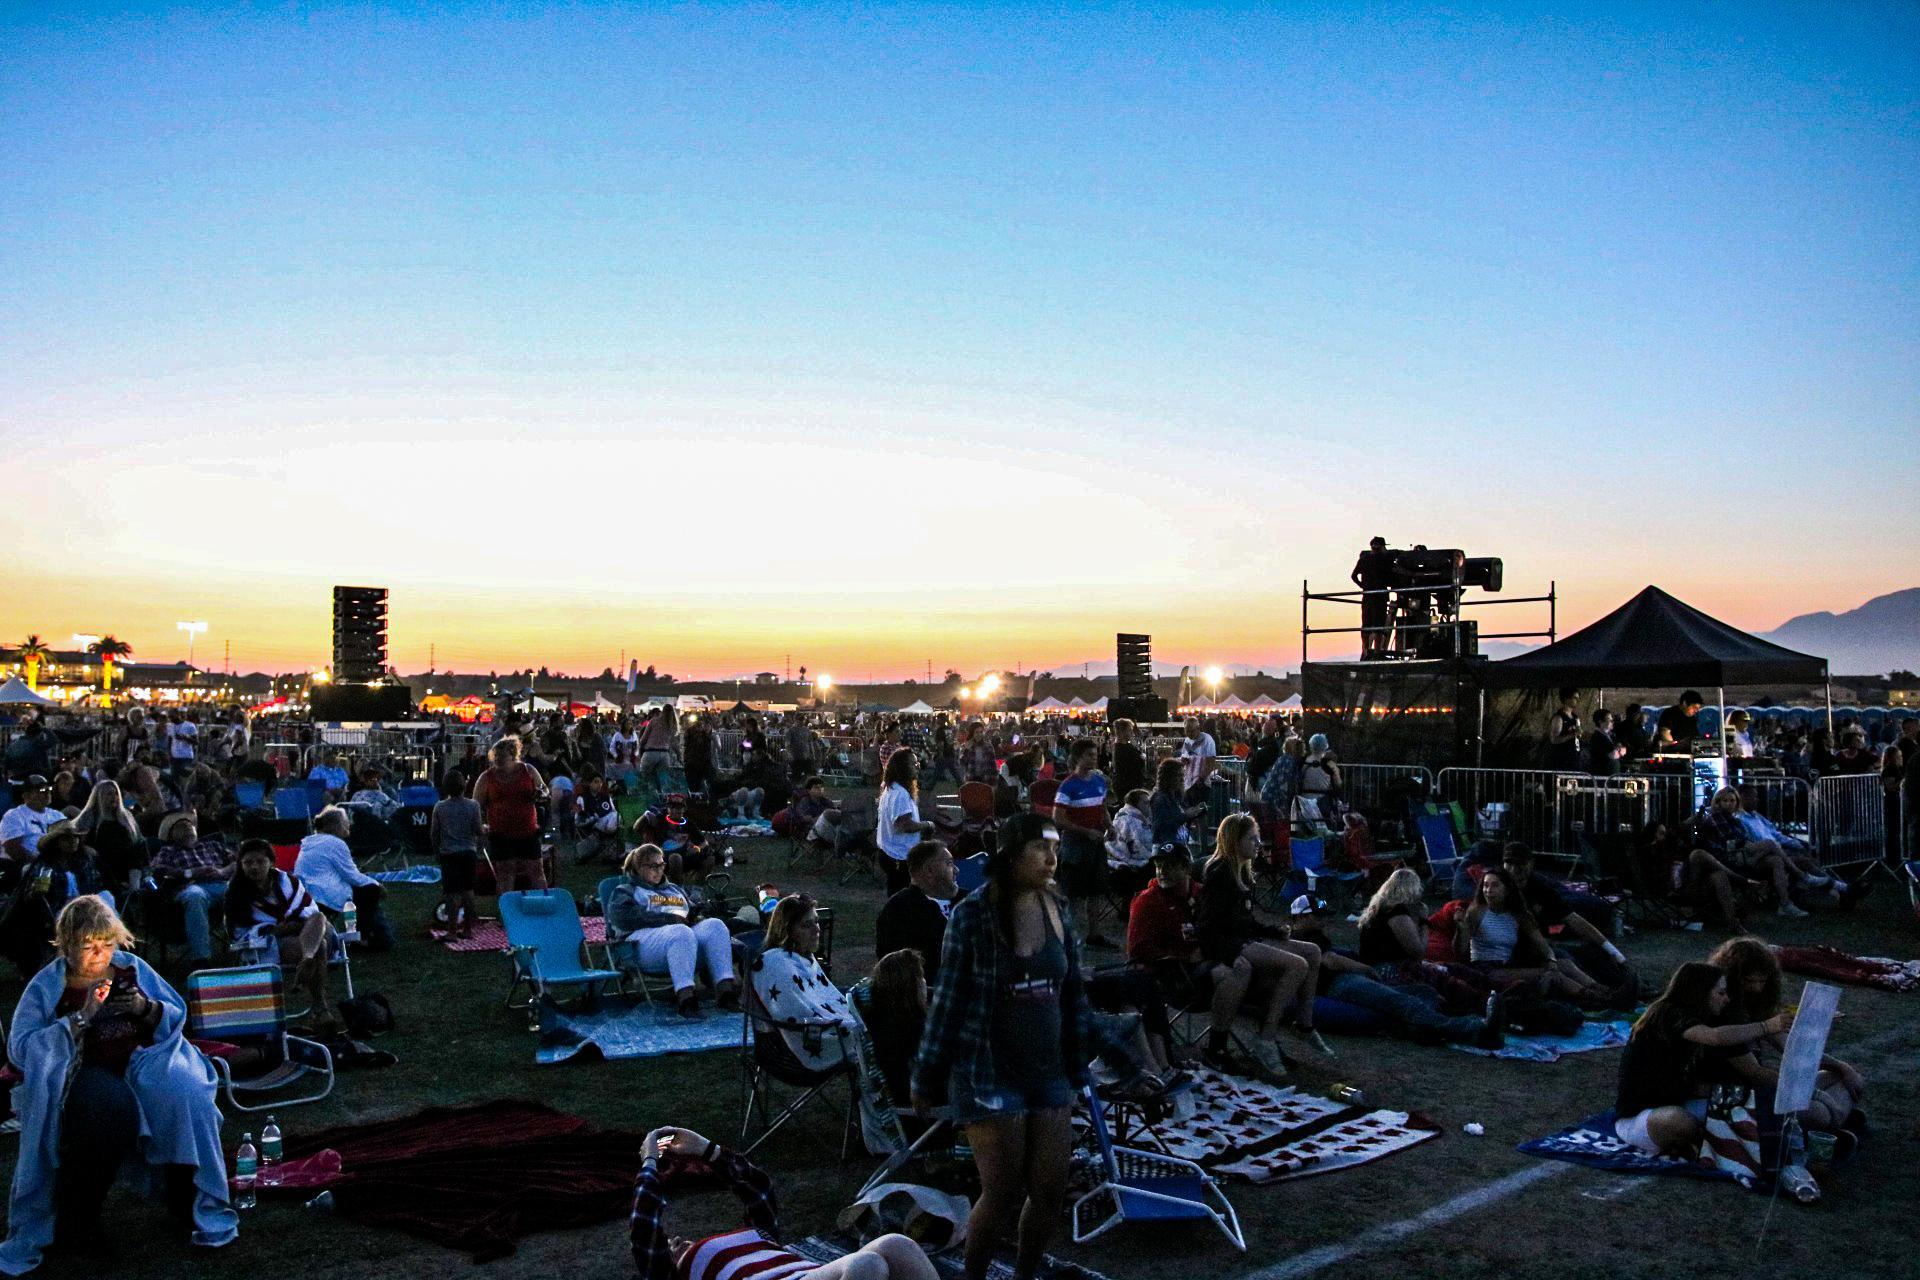 Silverlakes park prosystems av audio visual concert